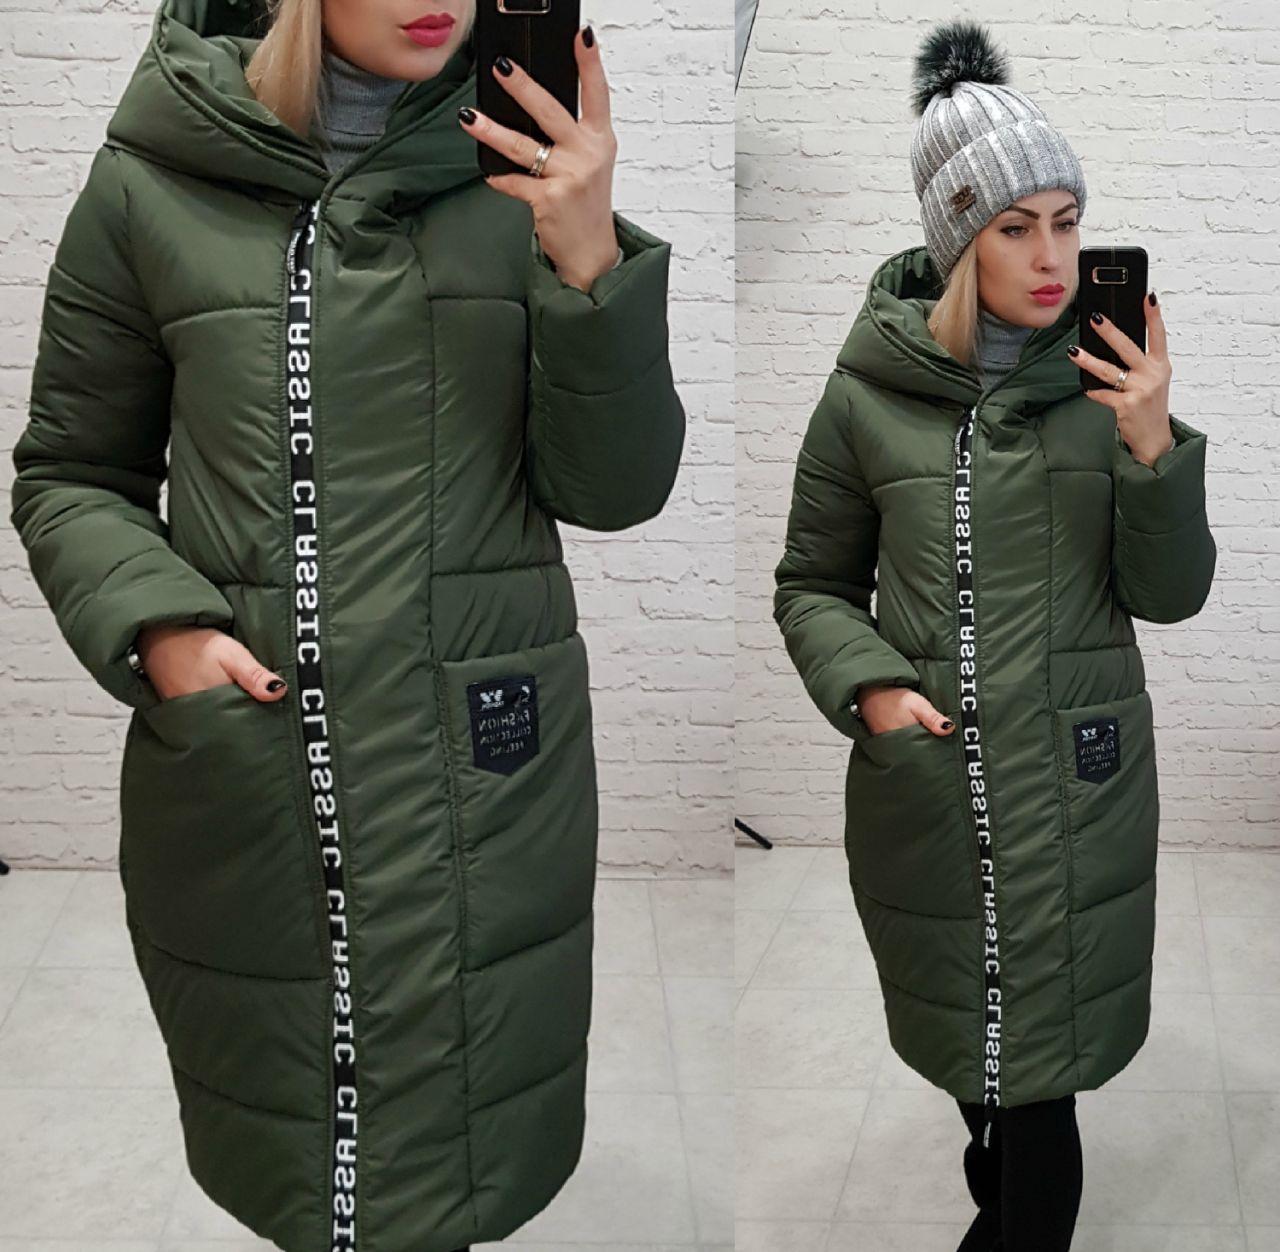 Куртка зимняя 2018/2019, модель 1003, цвет - хаки